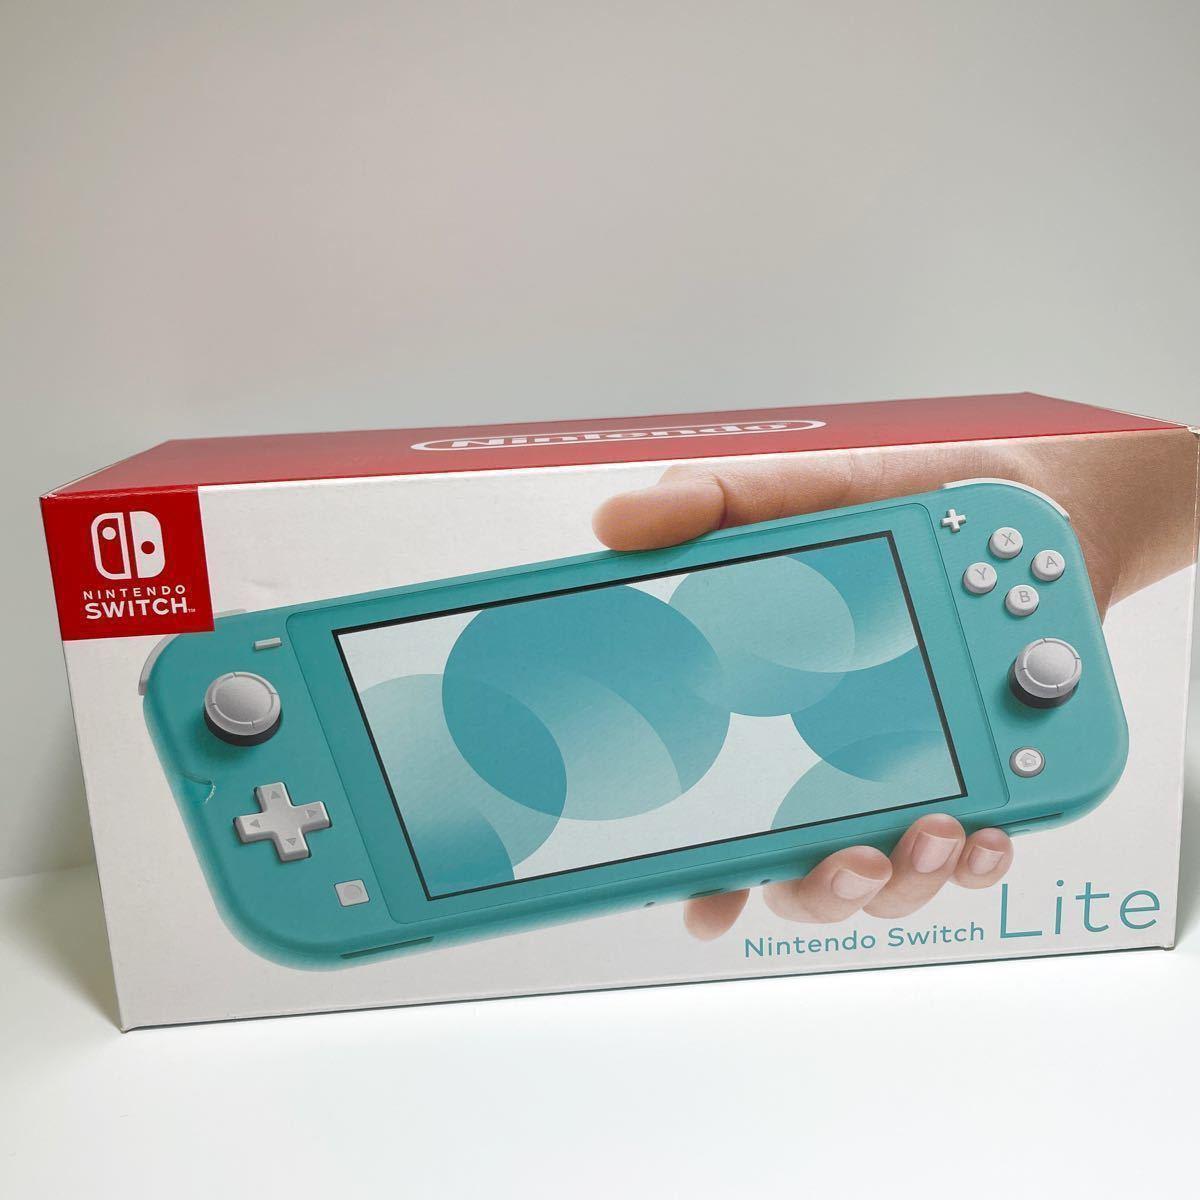 ニンテンドースイッチライト 本体 新品 未開封 任天堂 nintendo switch 箱キズあり